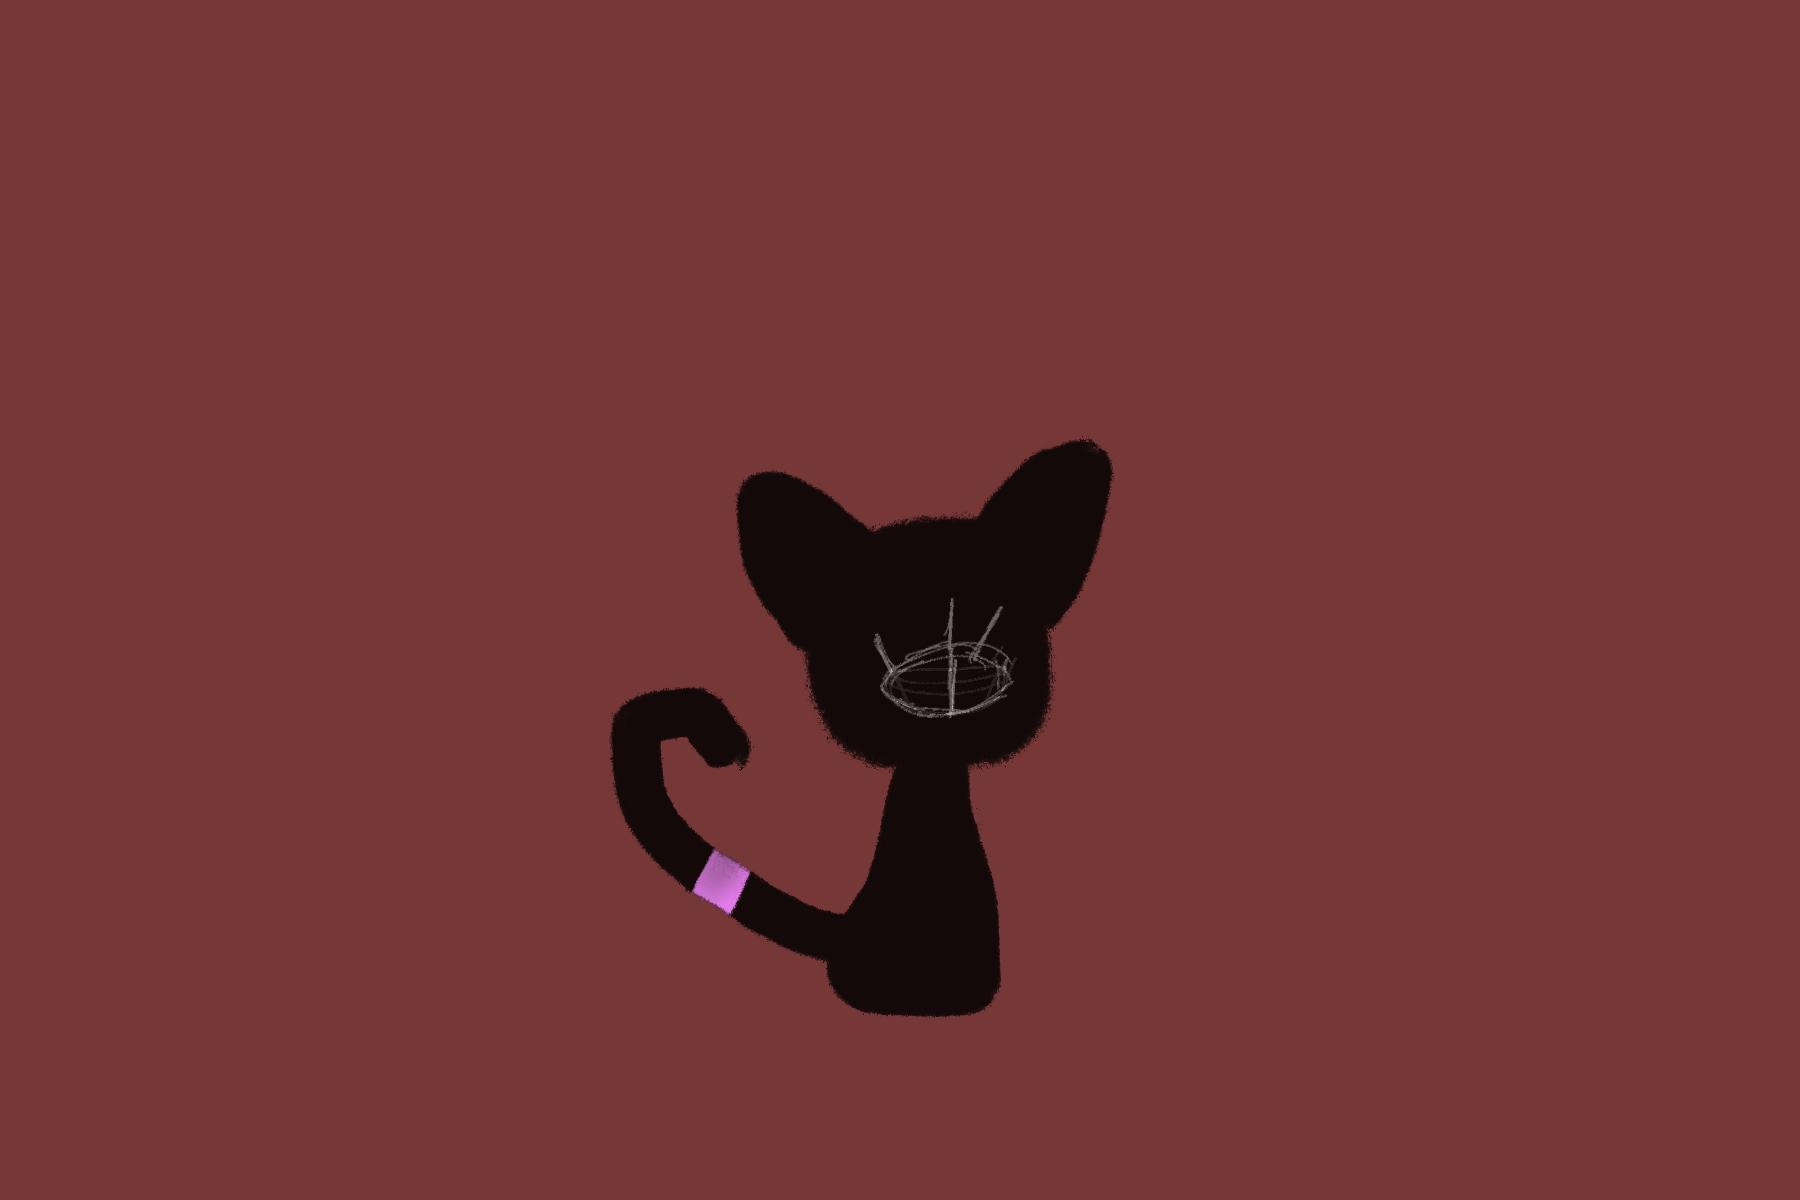 oh boy it's a scary cat boi